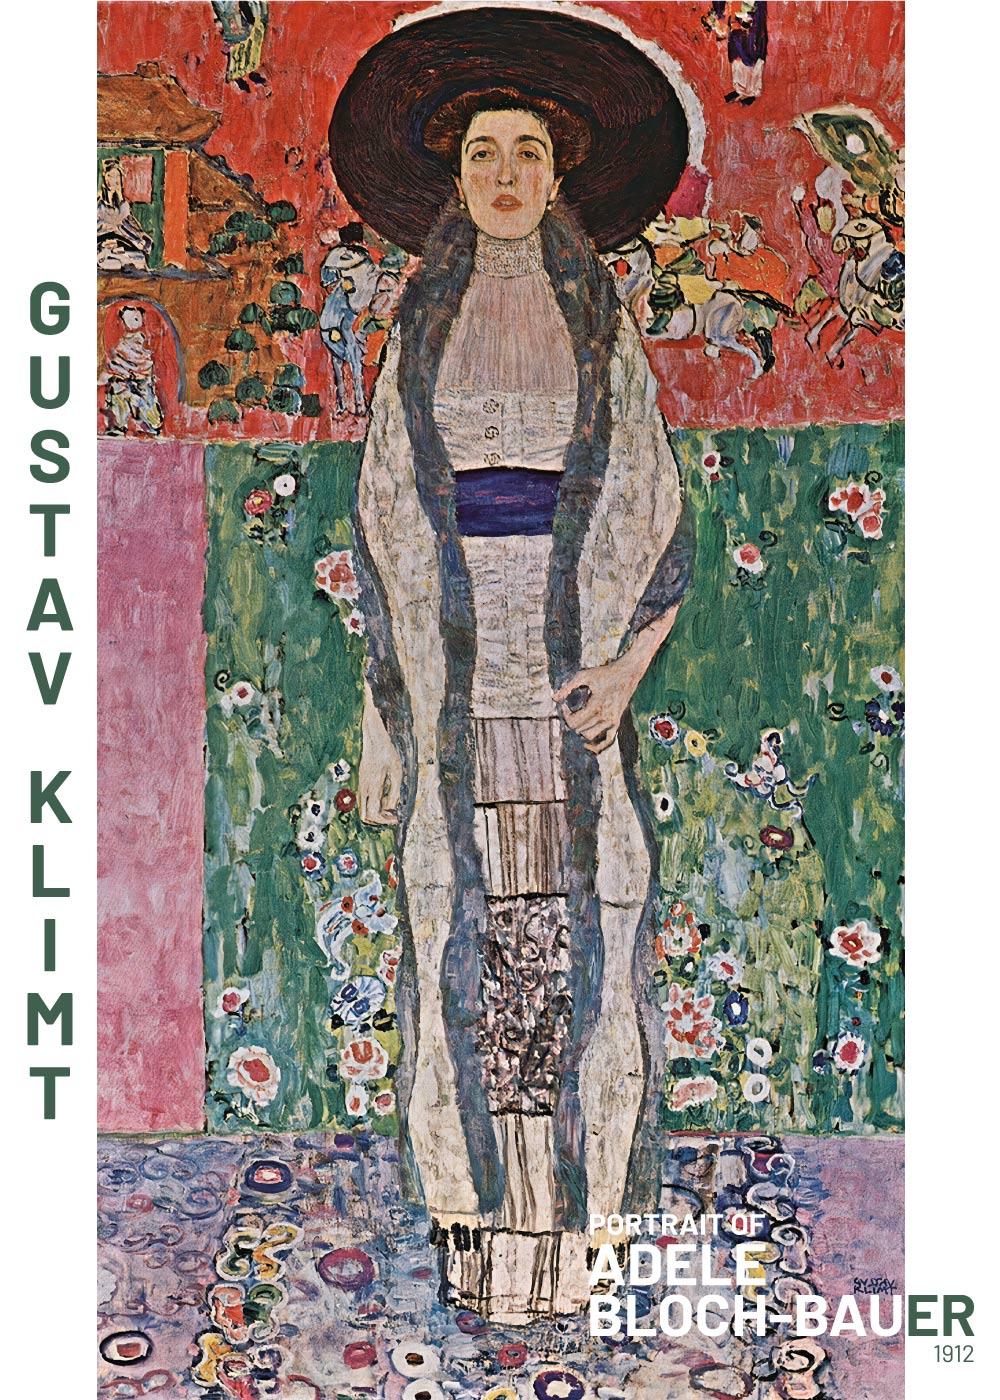 Billede af Portrait of Adele Bloch Bauer - Gustav Klimt